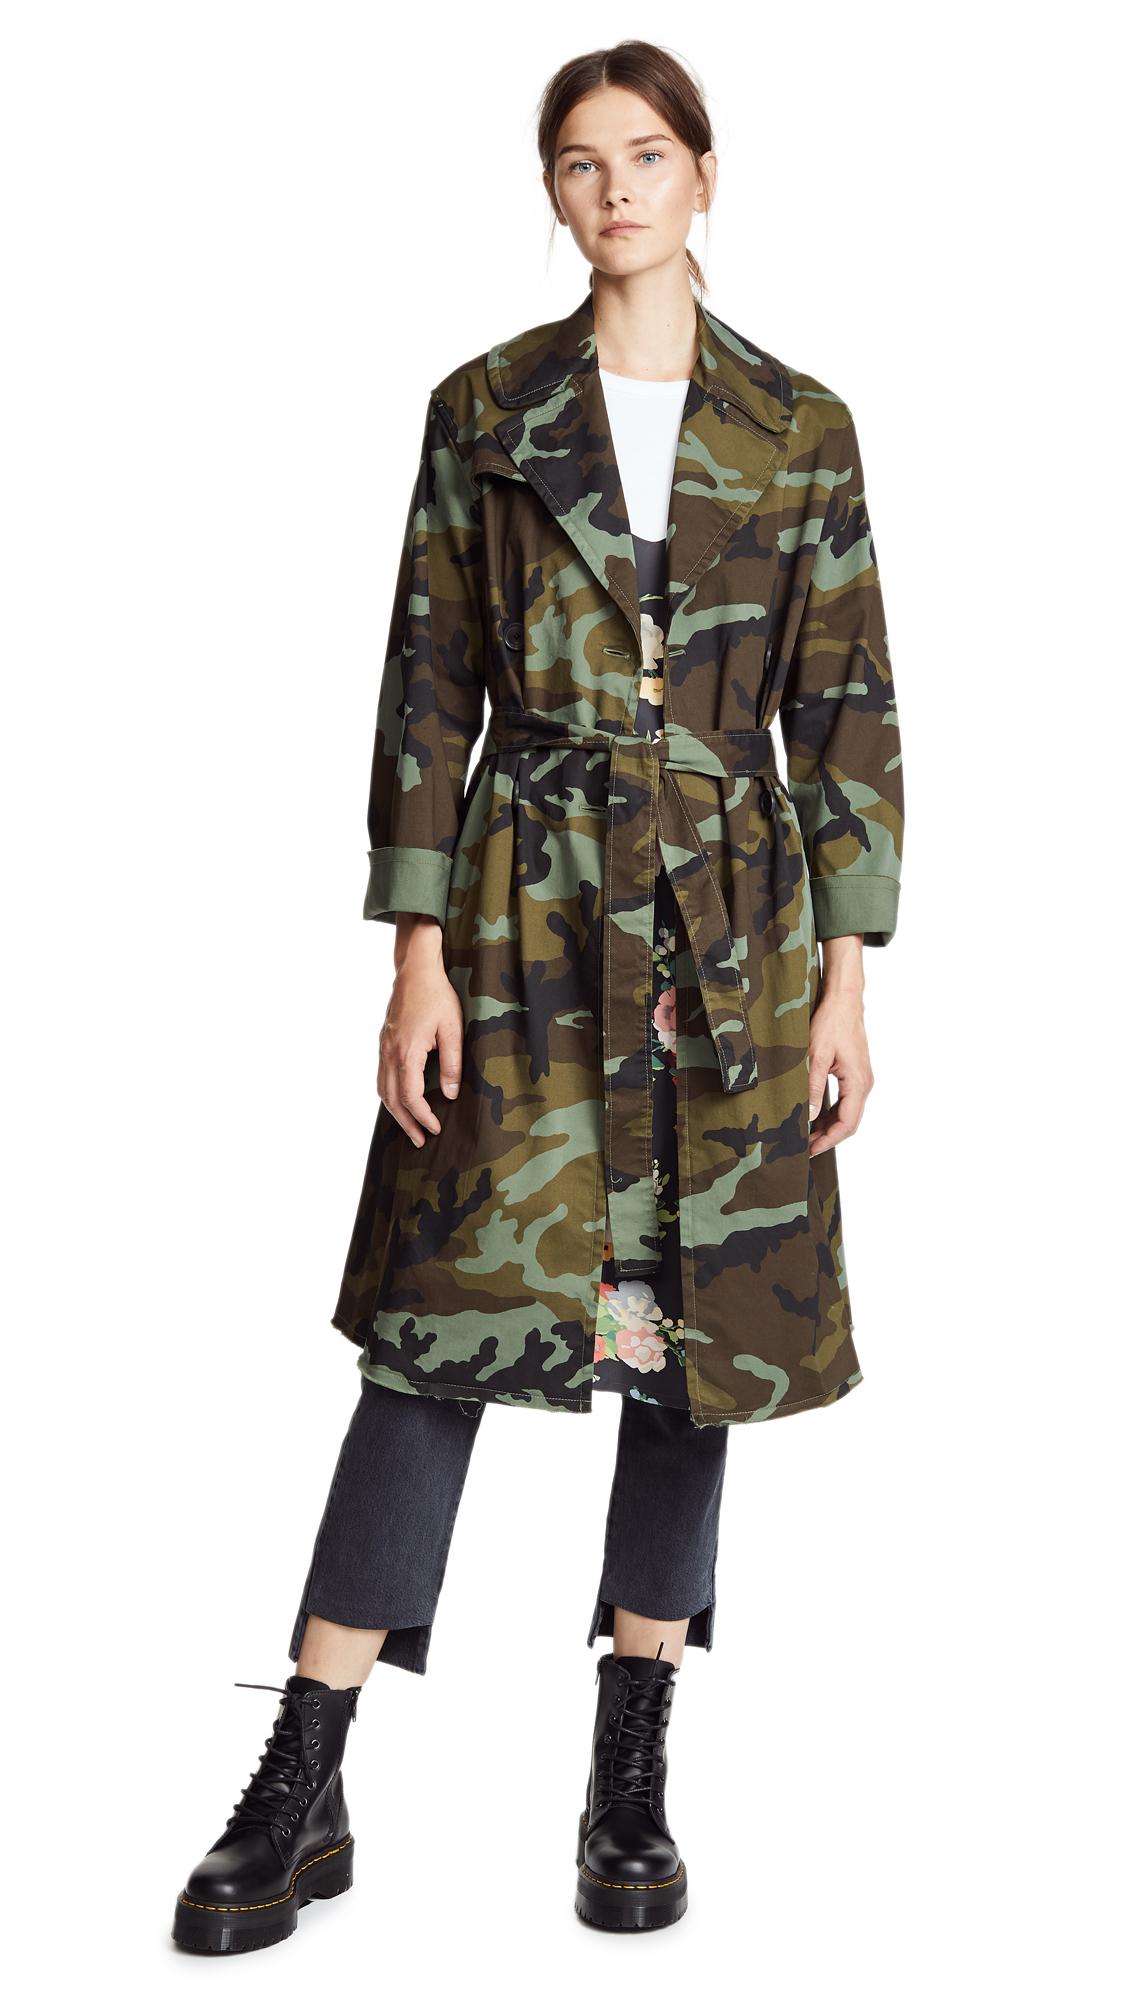 Nili Lotan Farrow Coat